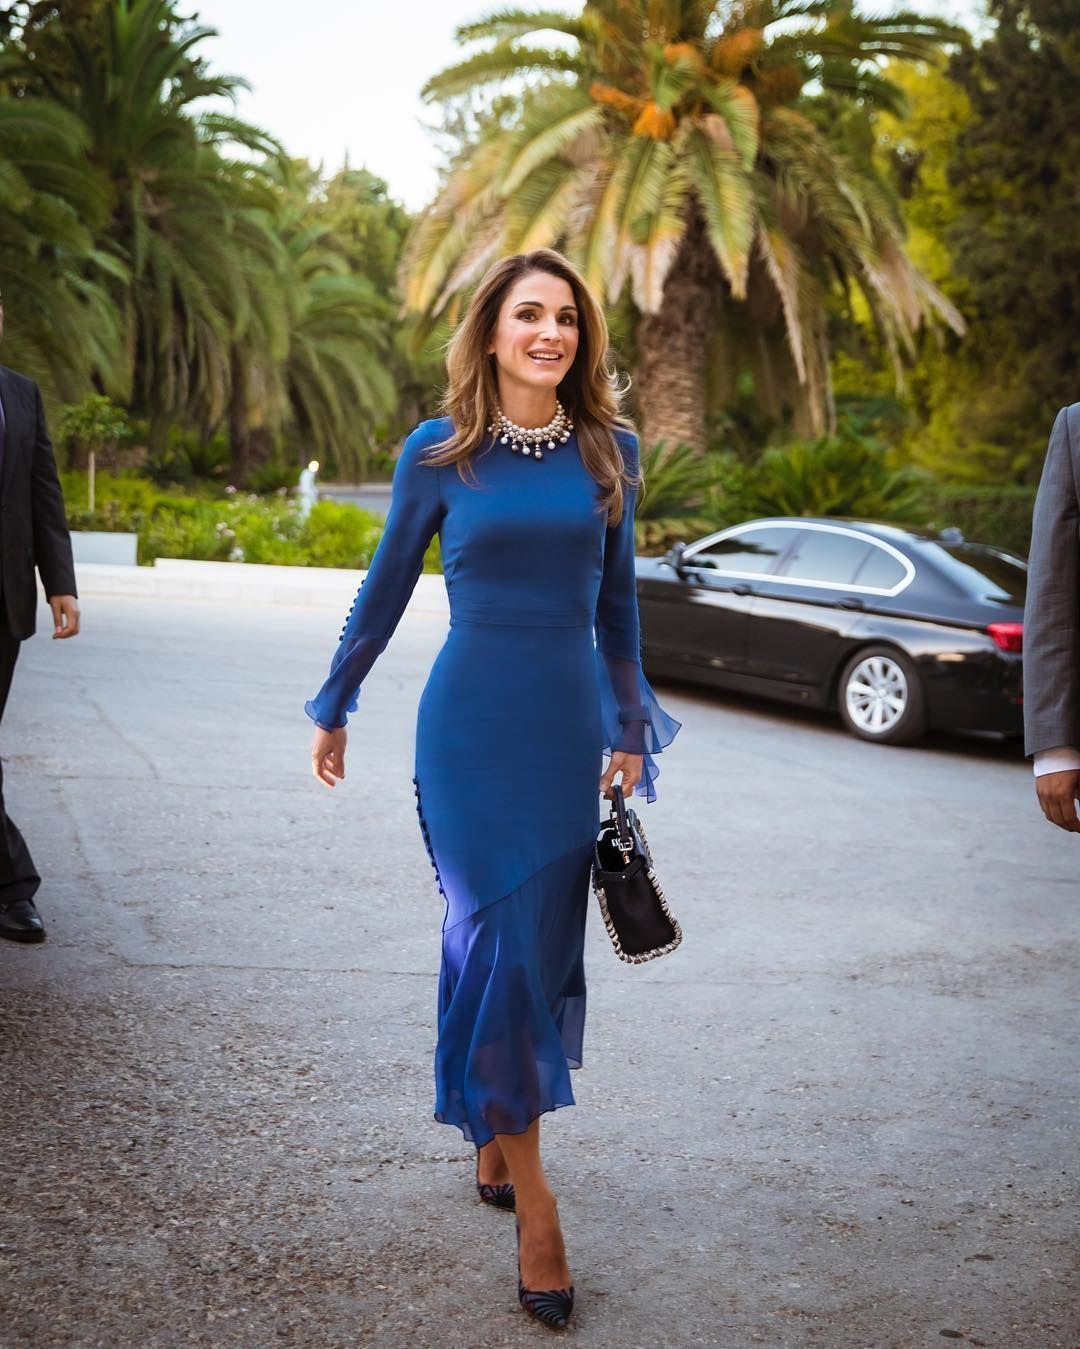 الملكة رانيا أنيقة في فستان باللون الأزرق